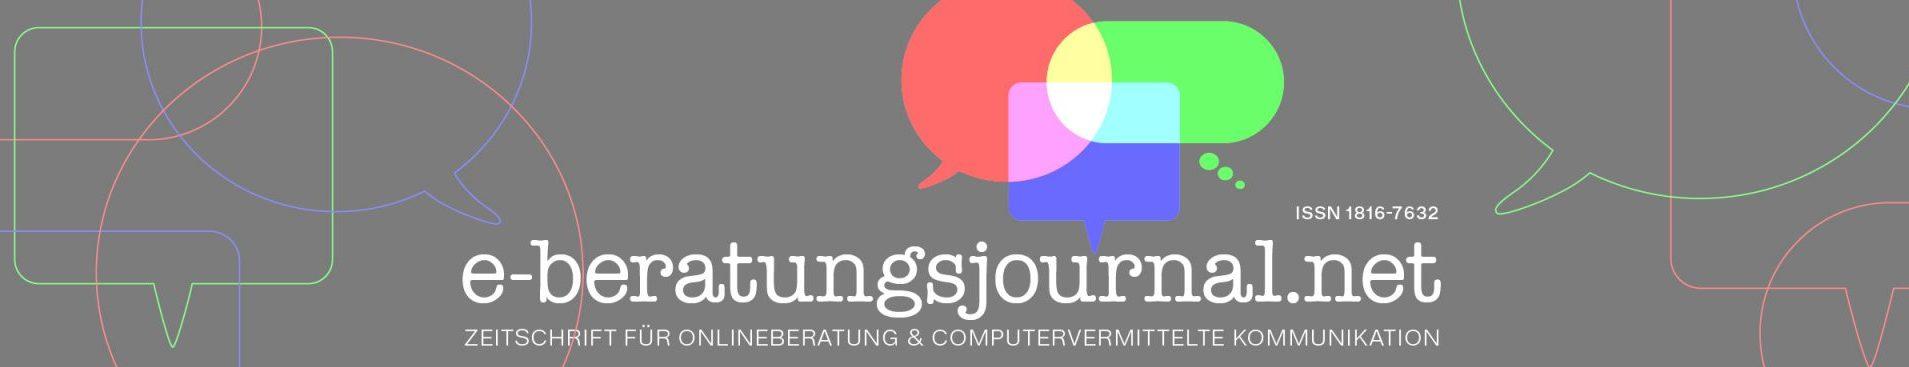 e-beratungsjournal